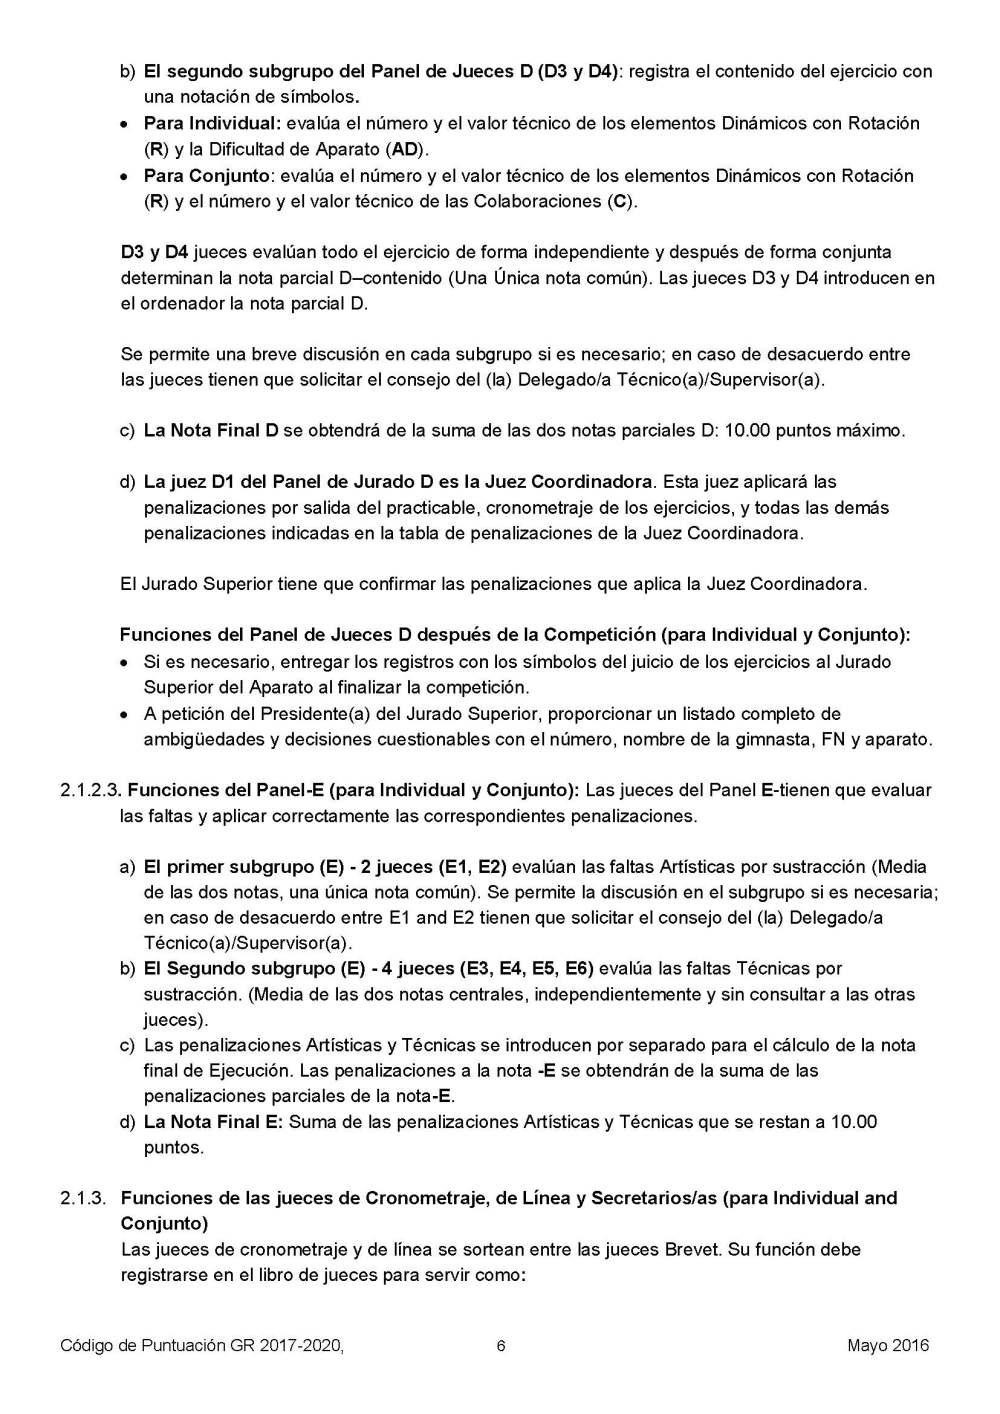 codigo20172020_Página_06